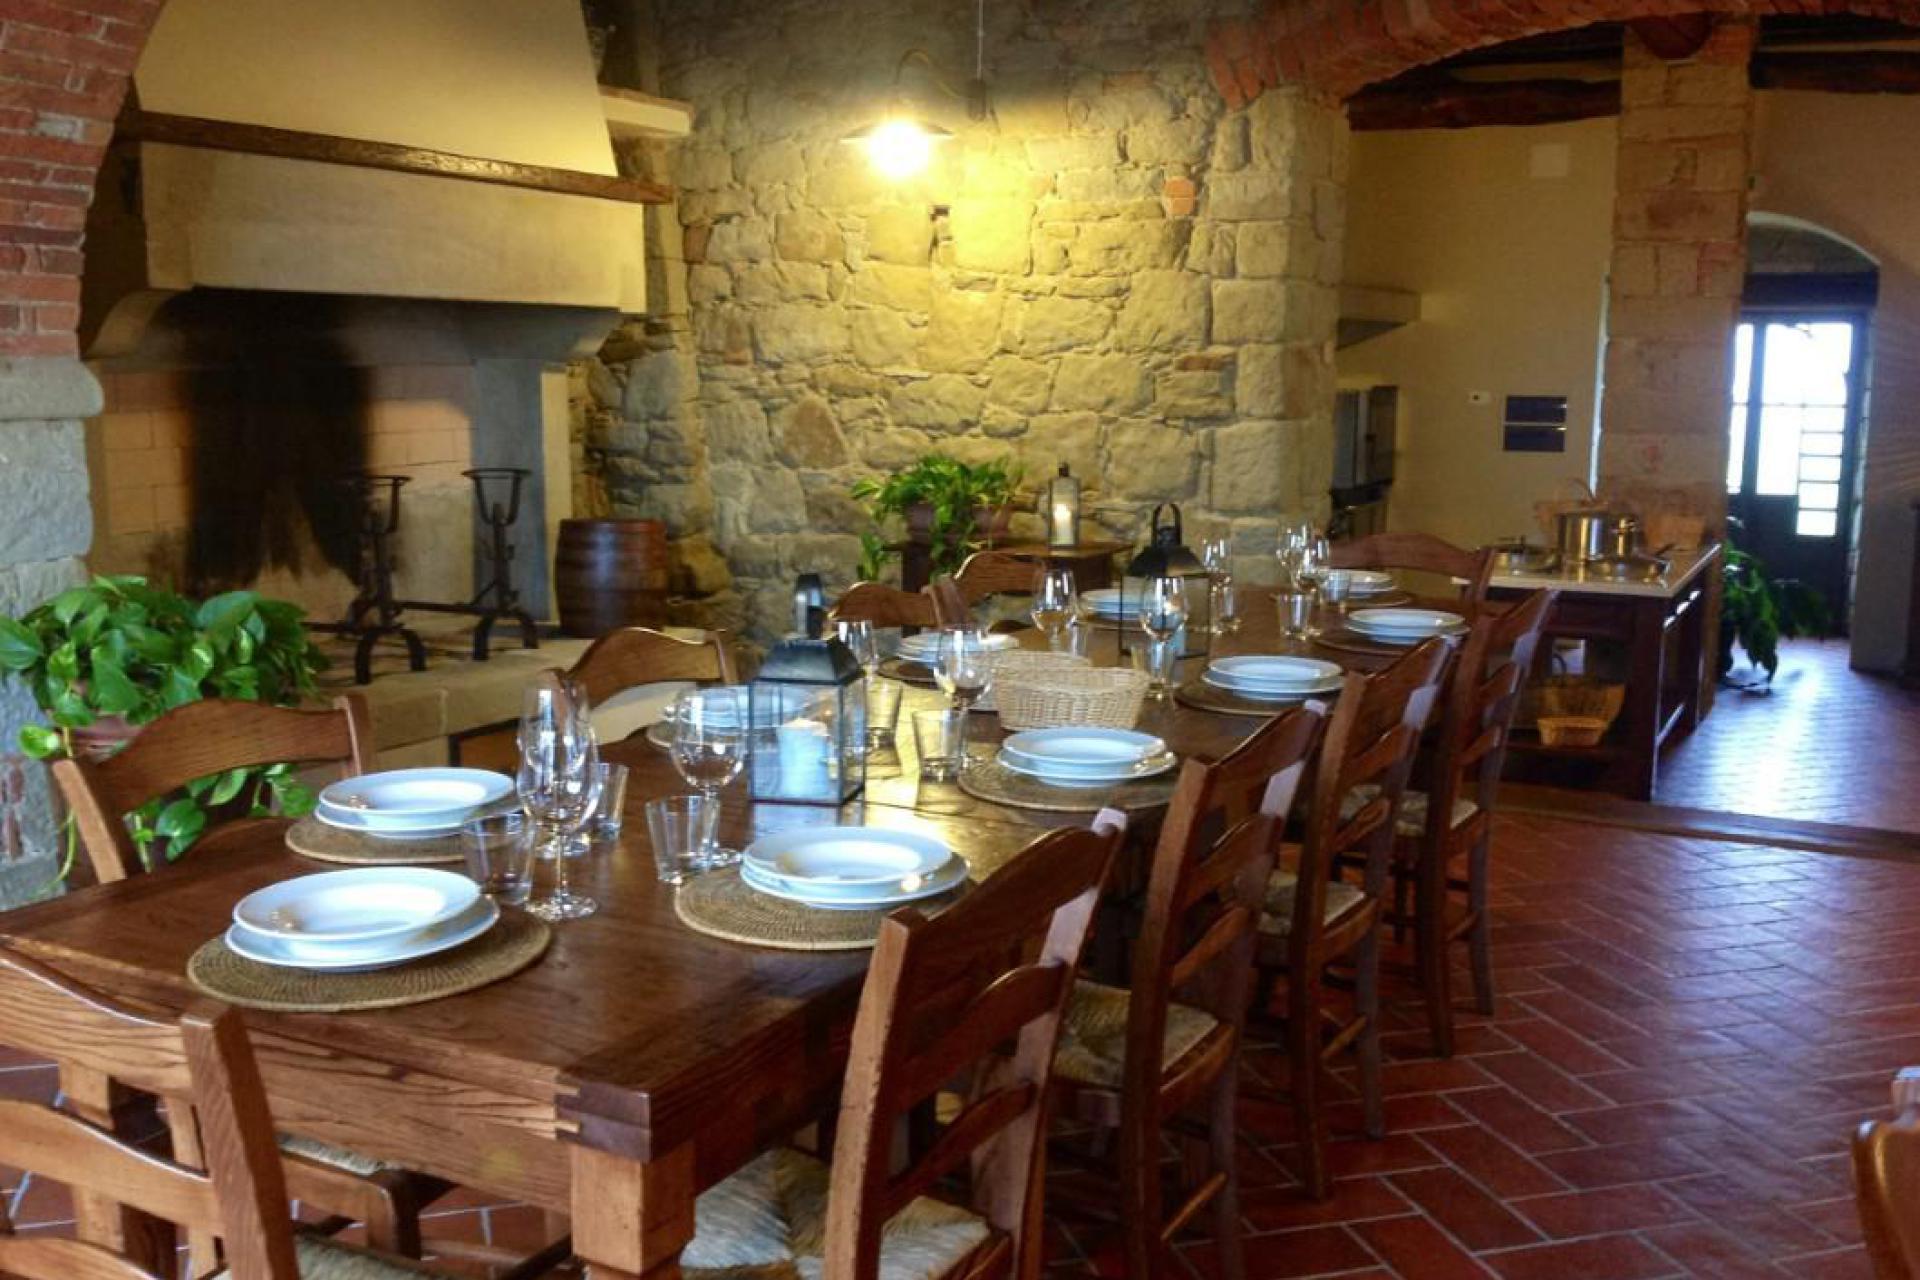 Agriturismo Toscane 8 appartementen nabij Siena – landelijke omgeving | myitaly.nl